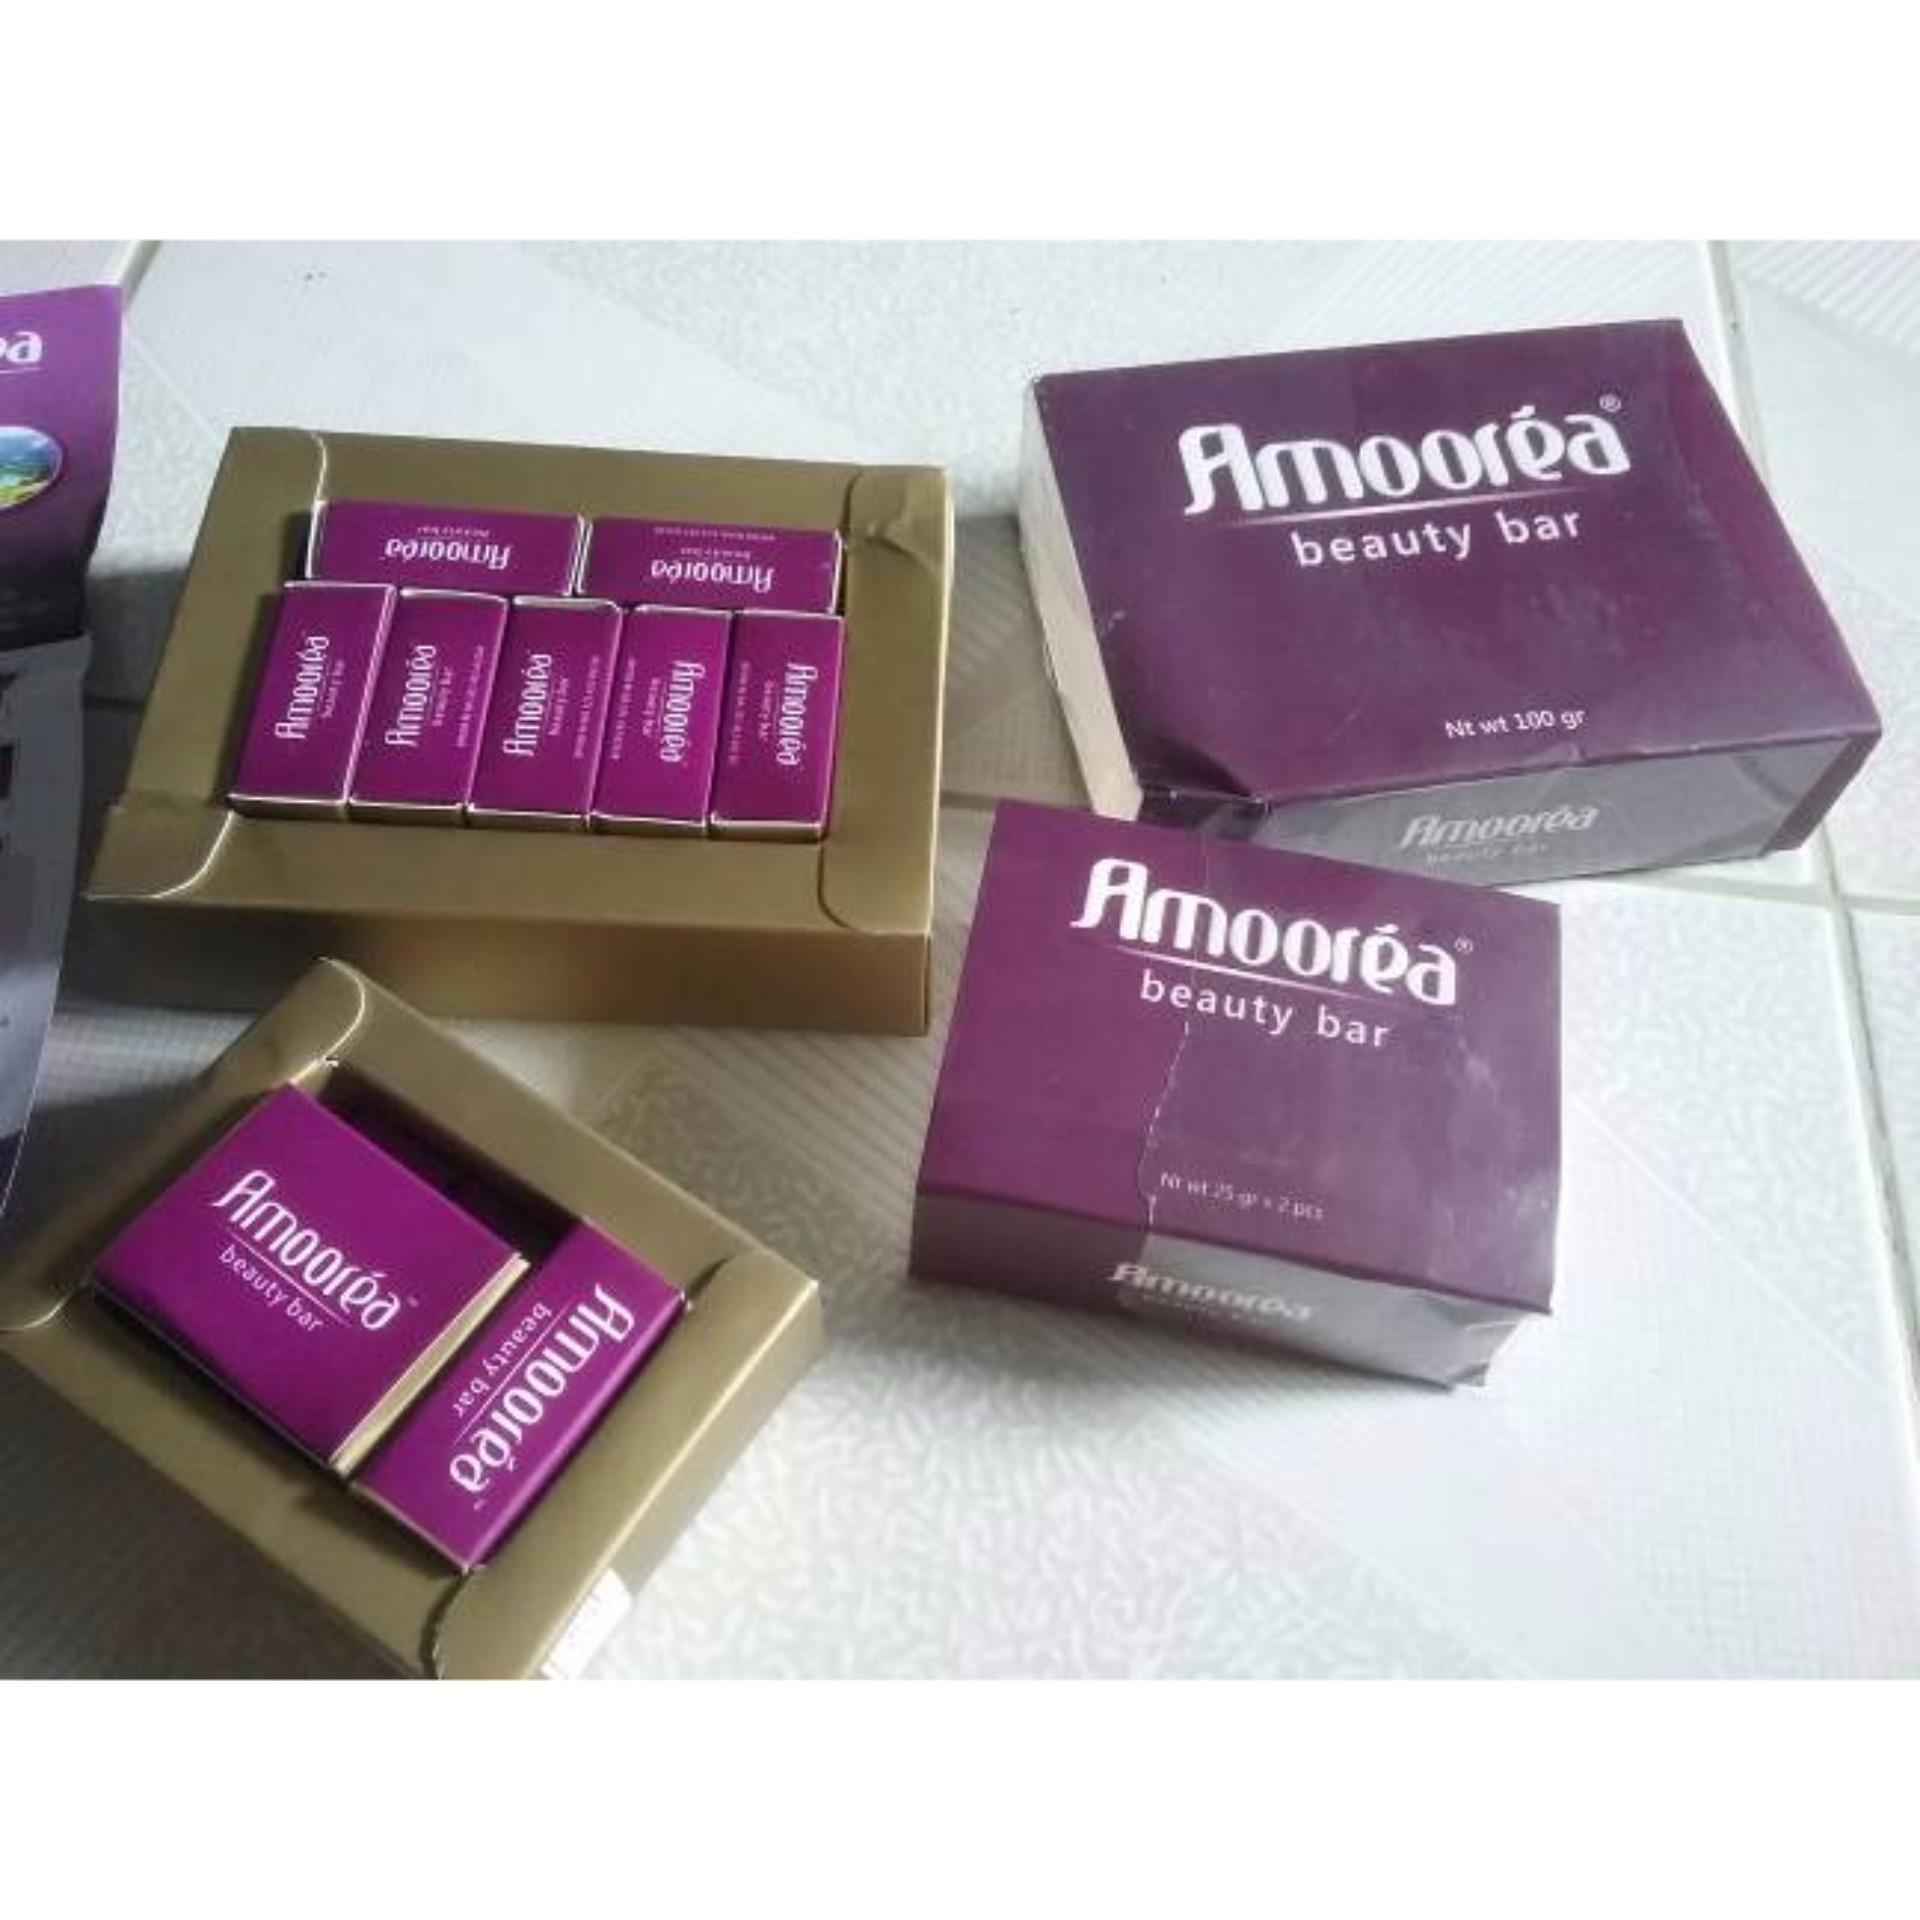 Cari Bandingkan Nu Amoorea 1 Bar Sabun Pemutih Wajah Dan Penghilang Beauty 25 Gram Flash Sale Jerawat Atasi Komedo